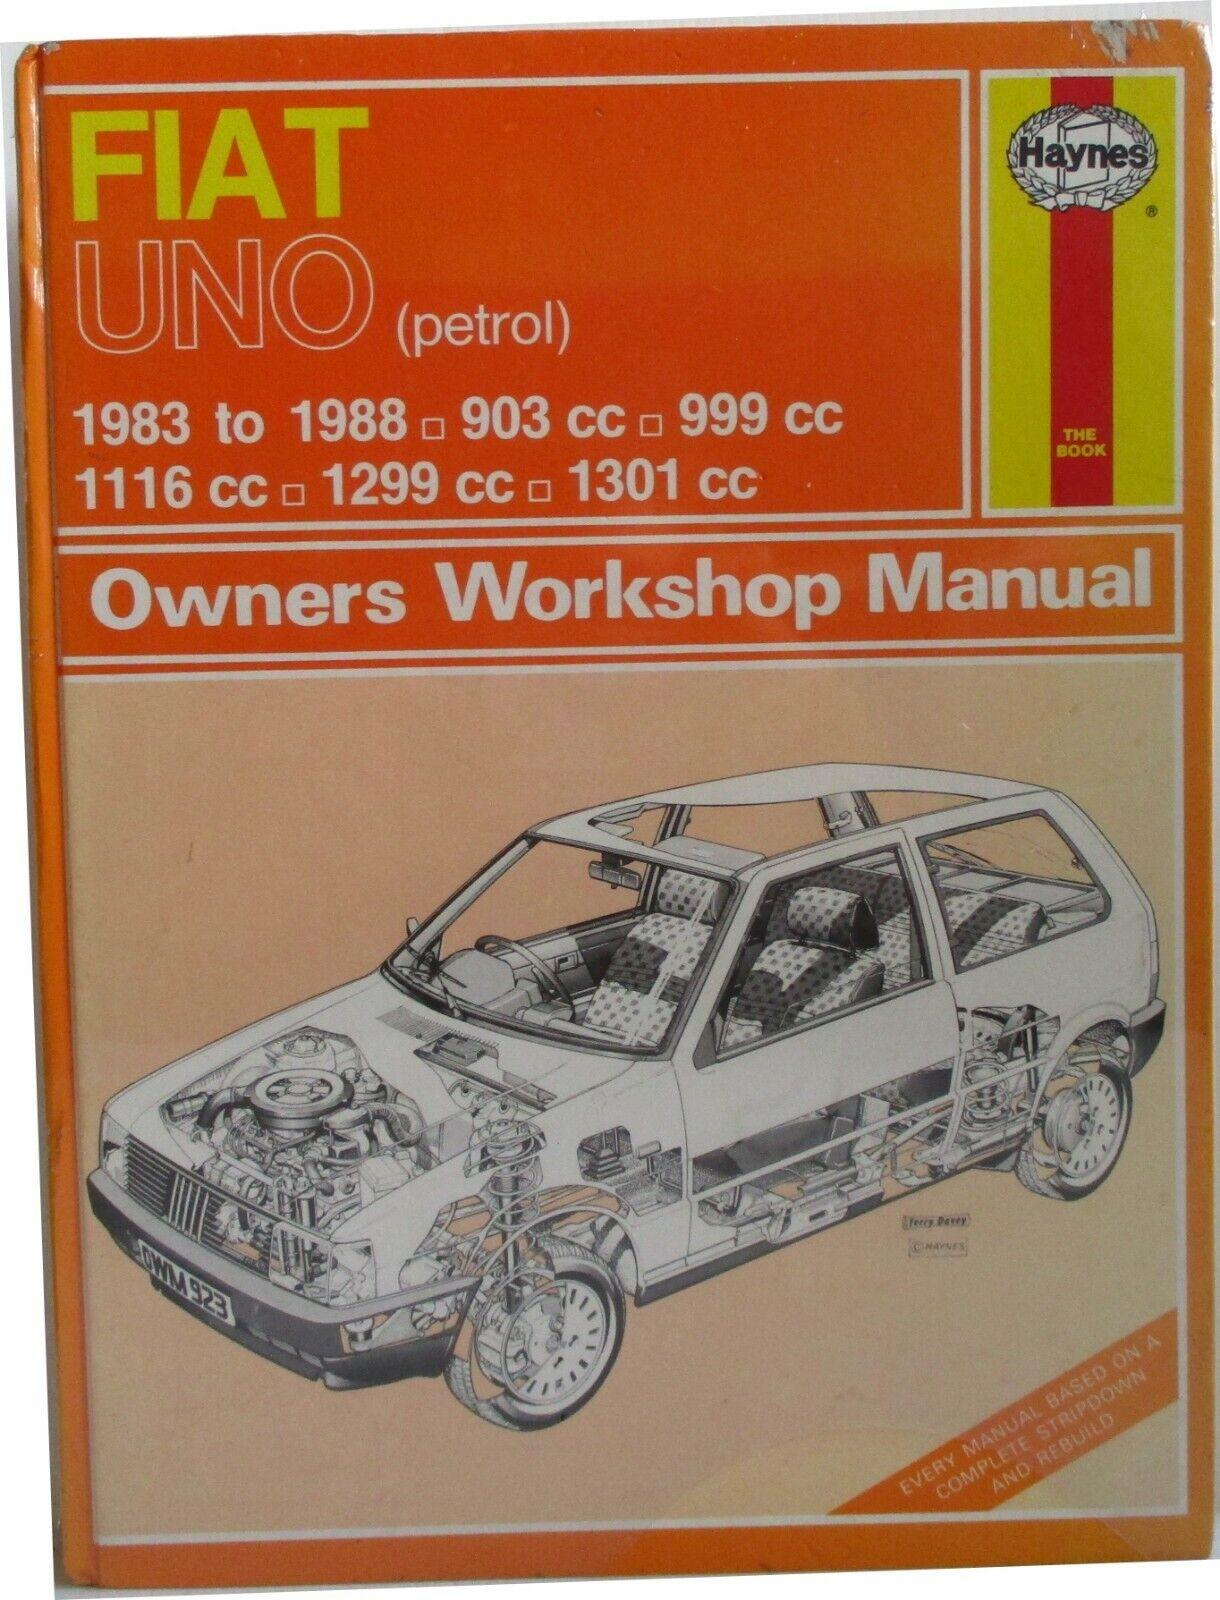 Werkstatthandbuch Shop service manual Honda XR 600 R 1988-1989 ...